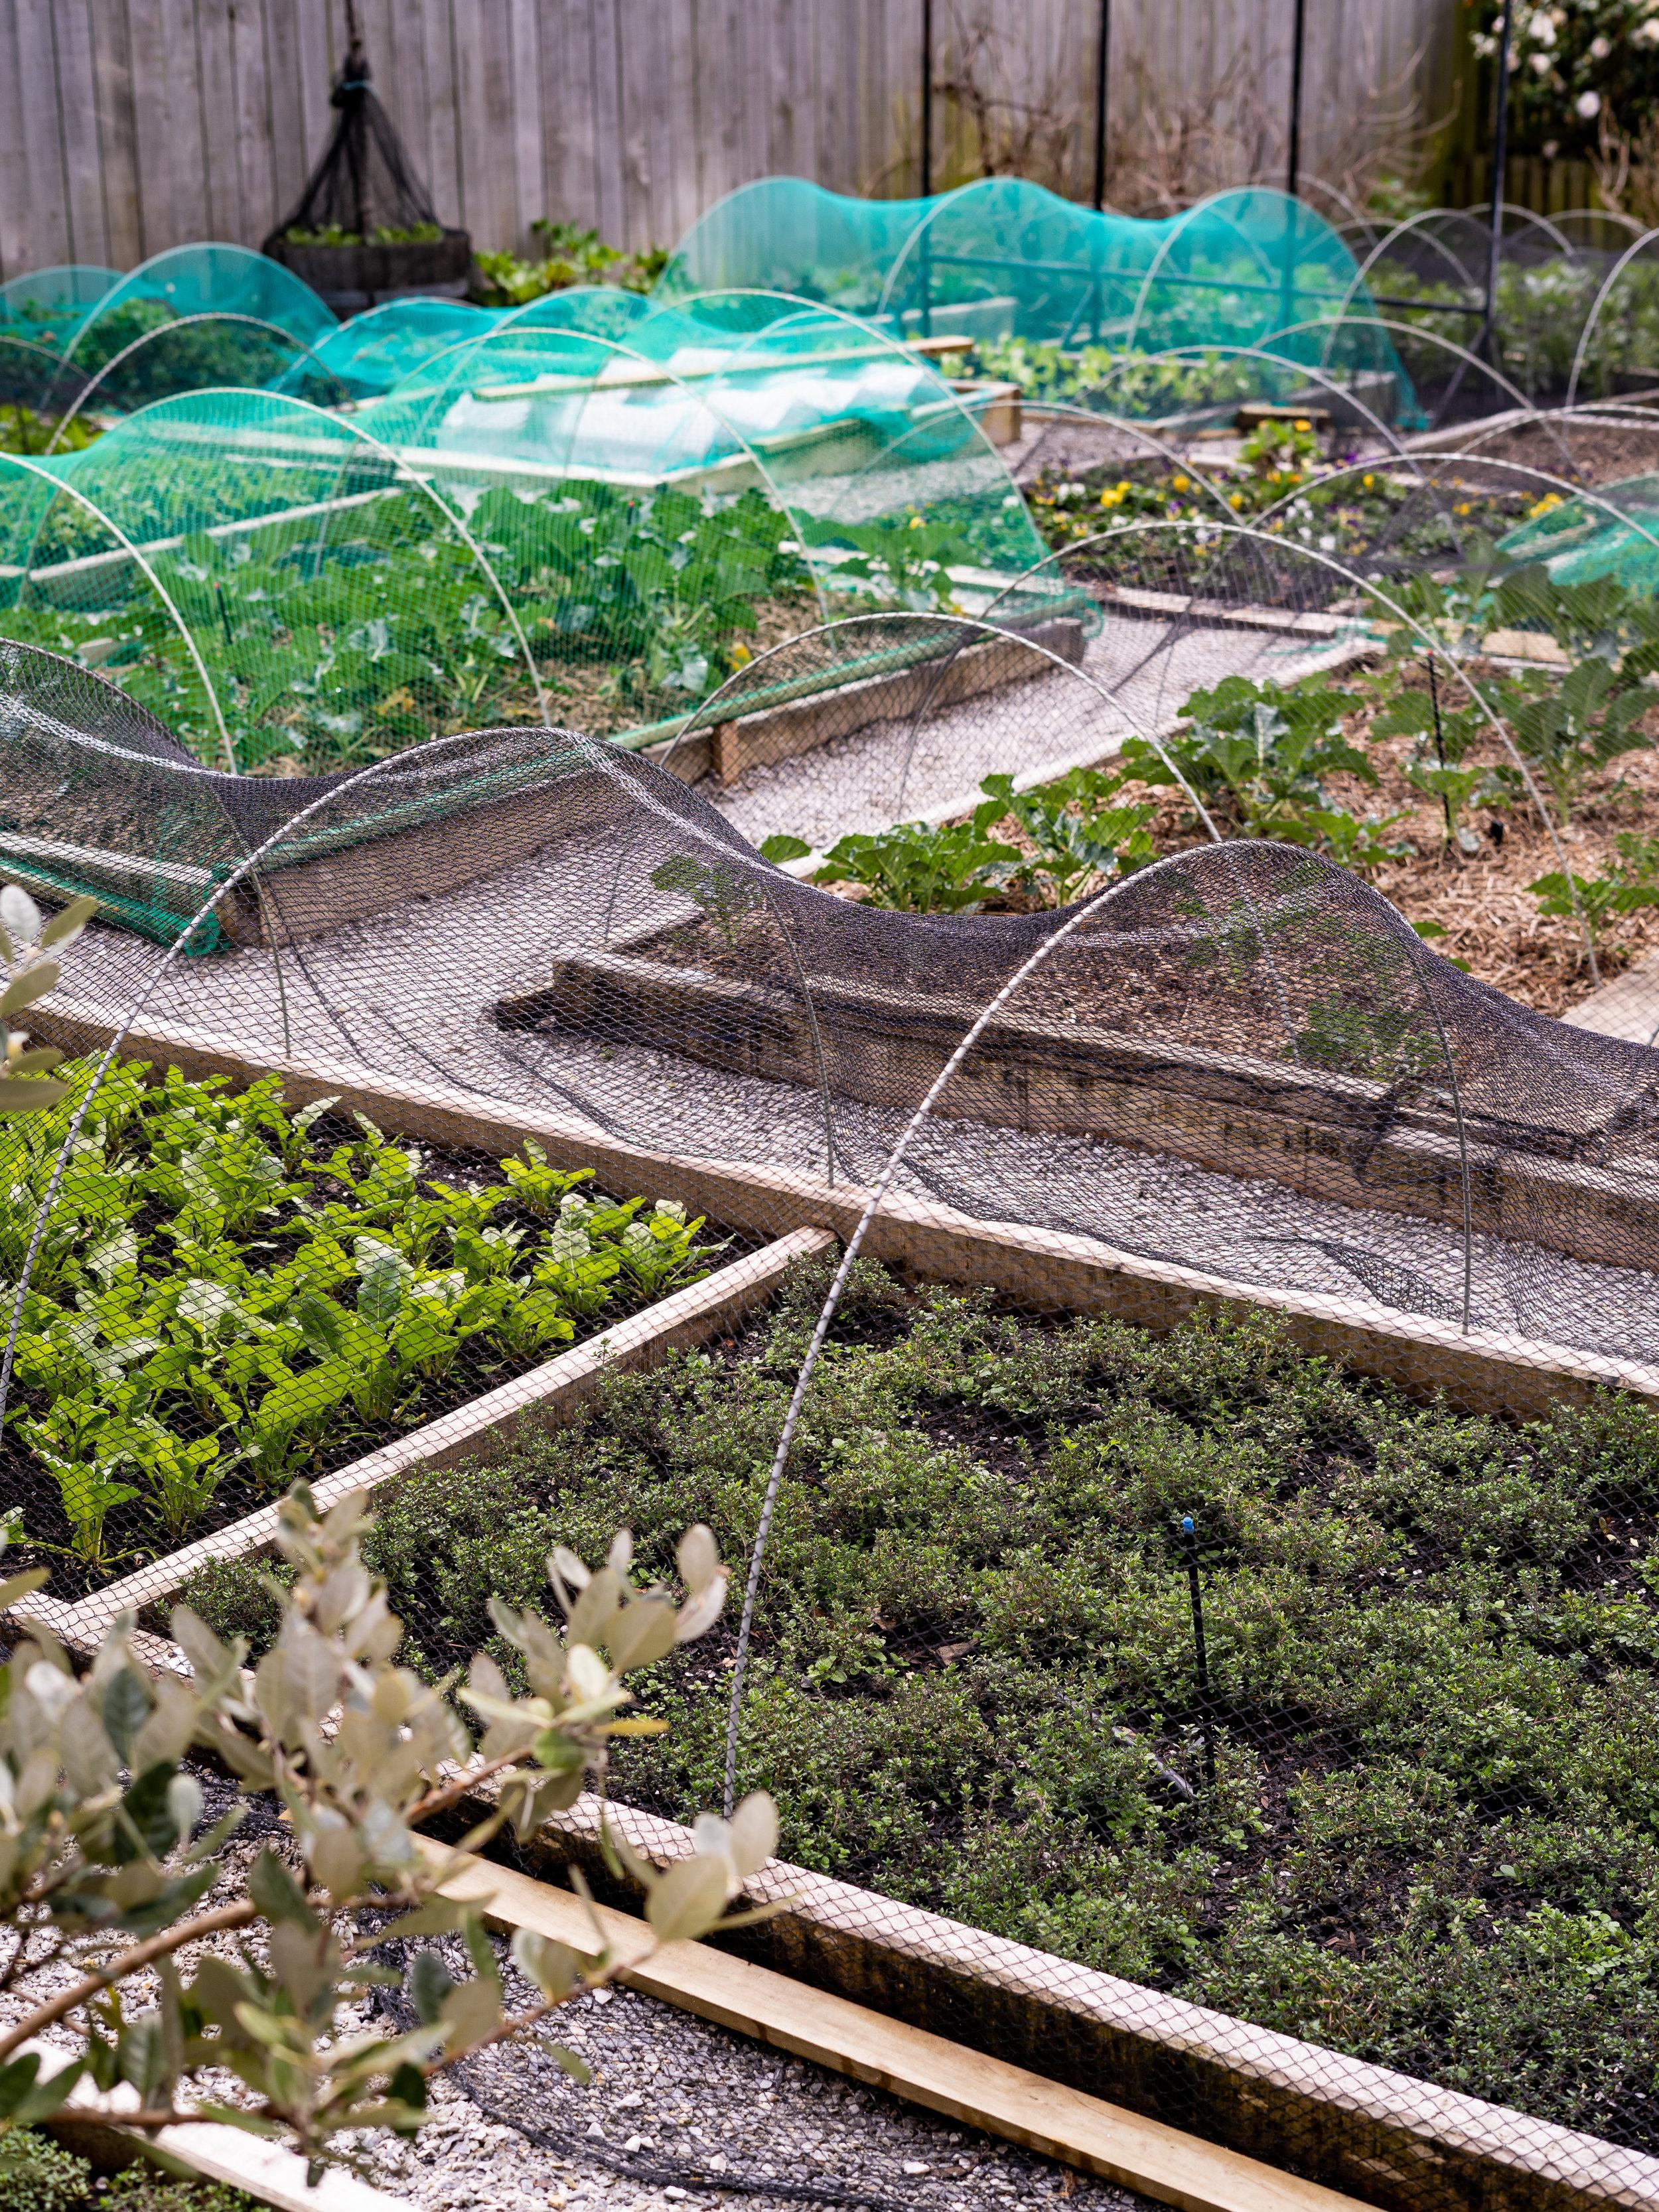 No7 Balmac Organic Kitchen Garden Flourishing 04.09.18